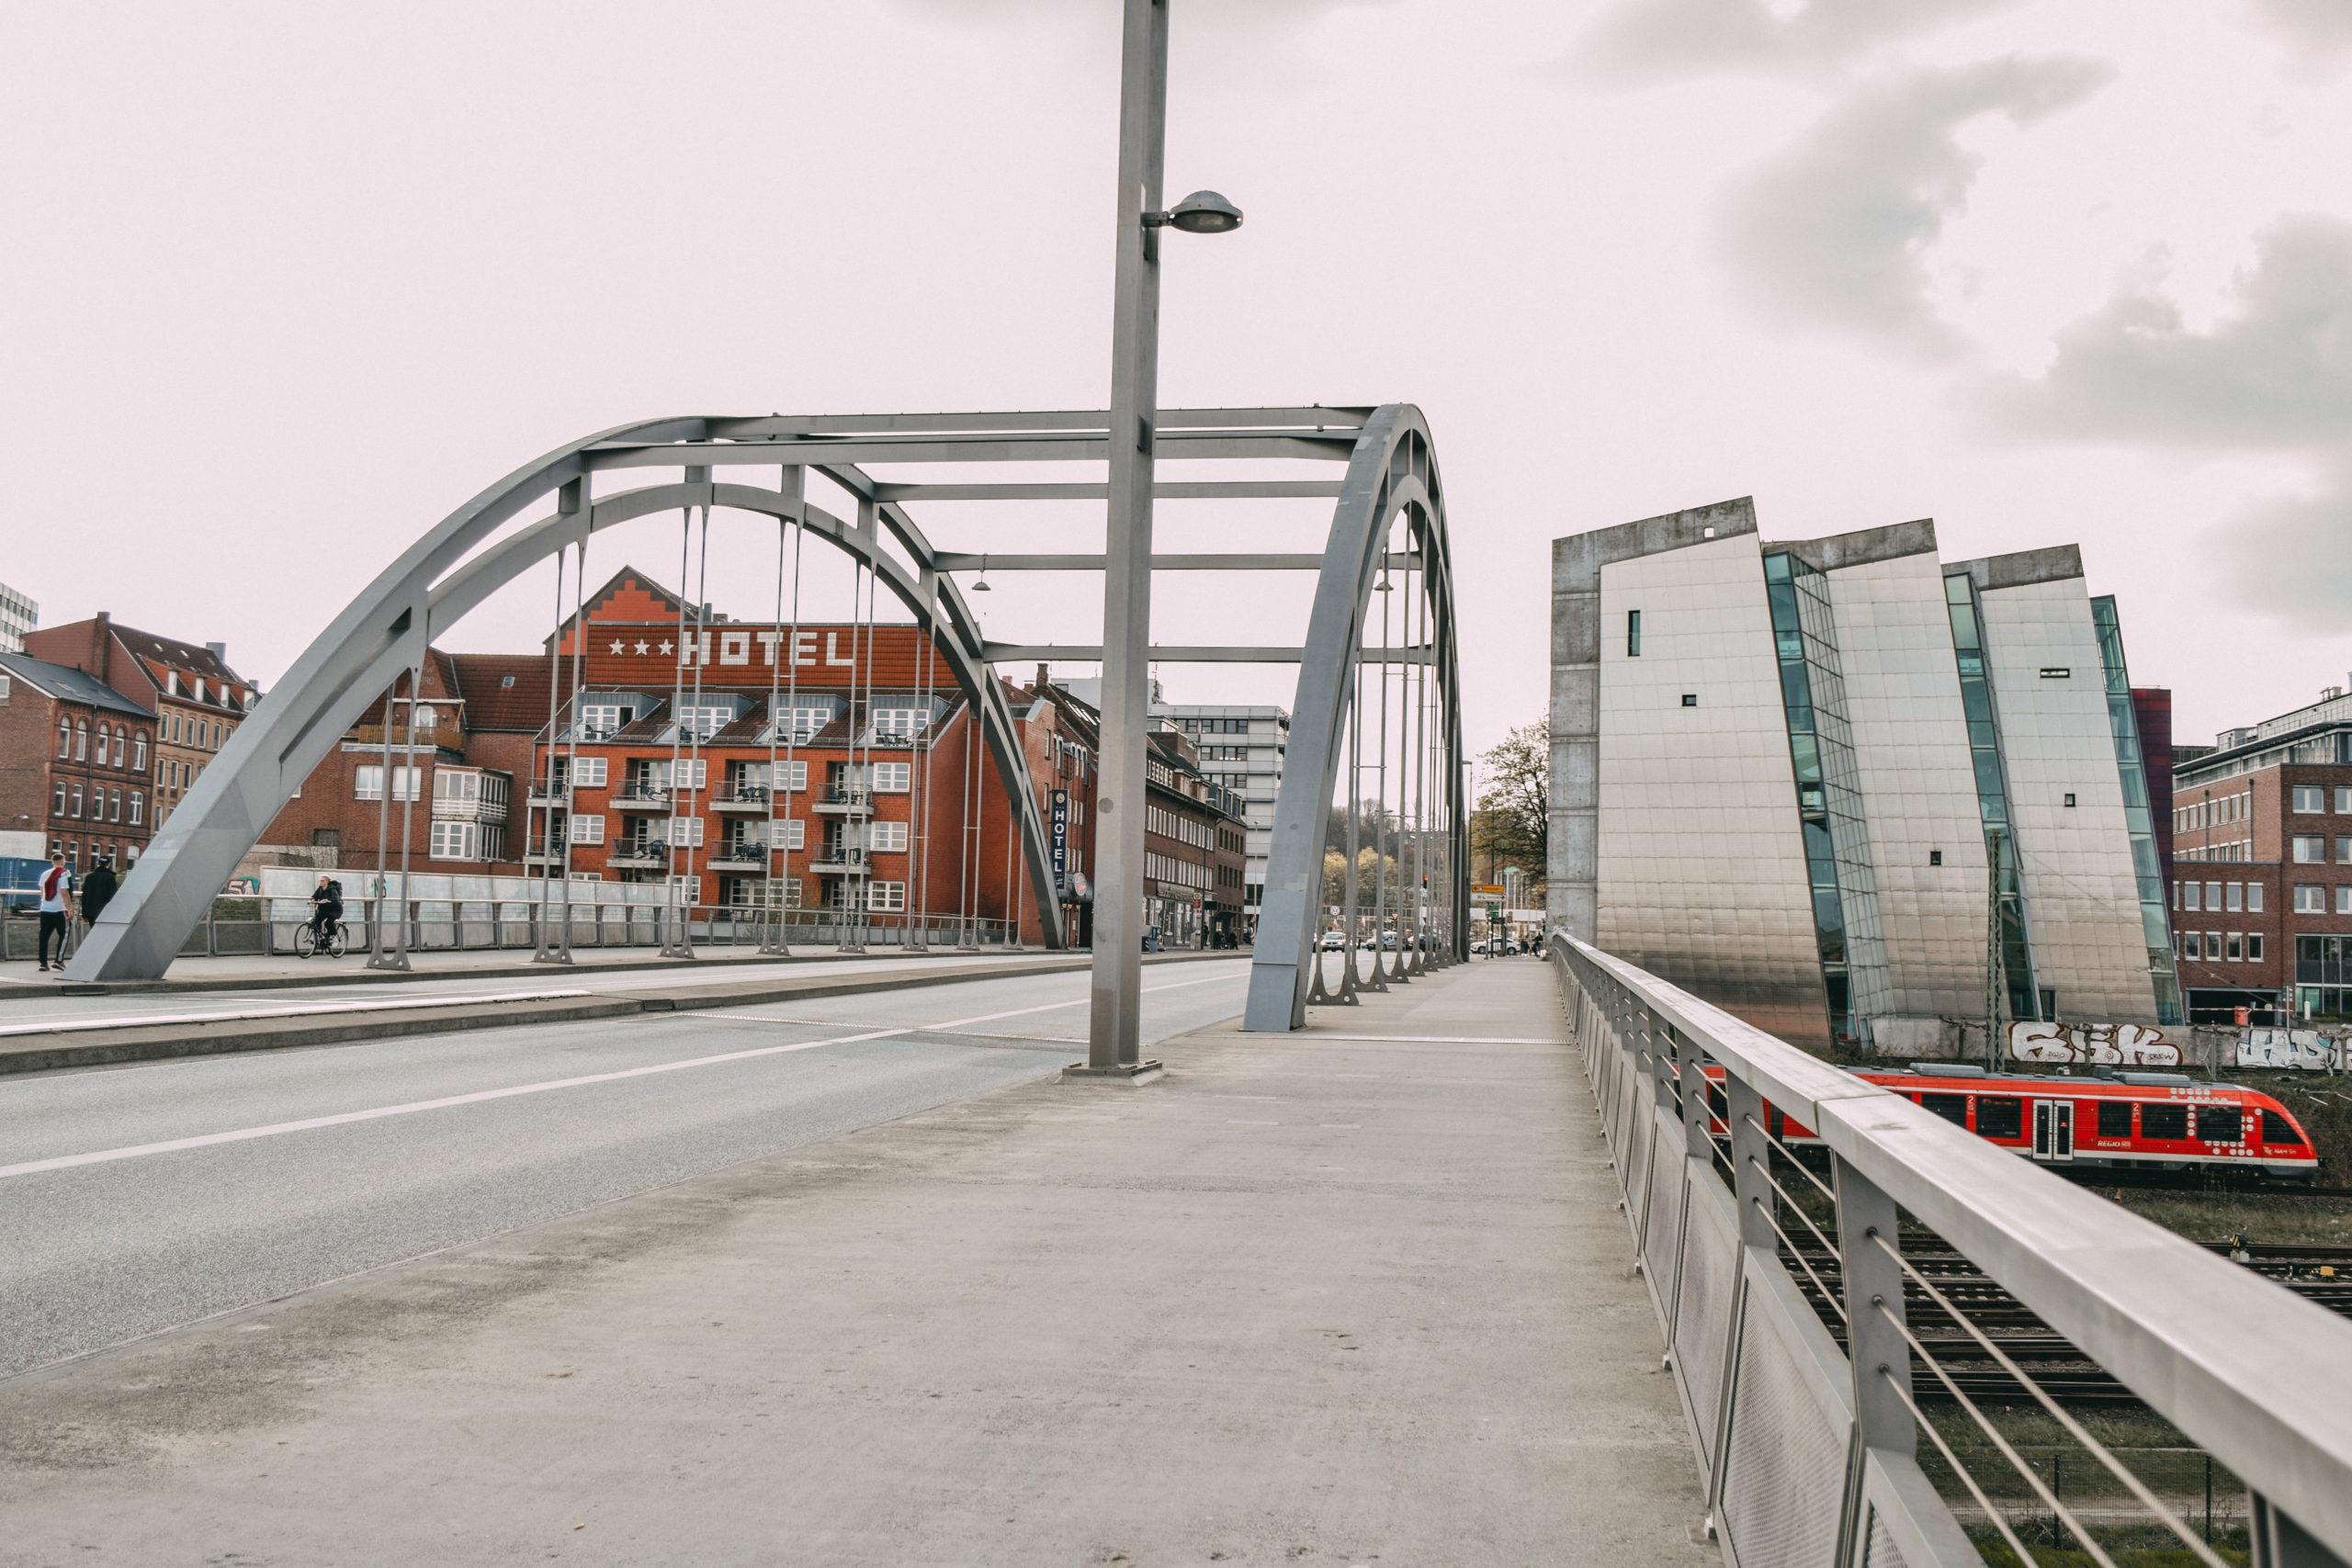 Gablenzbrücke